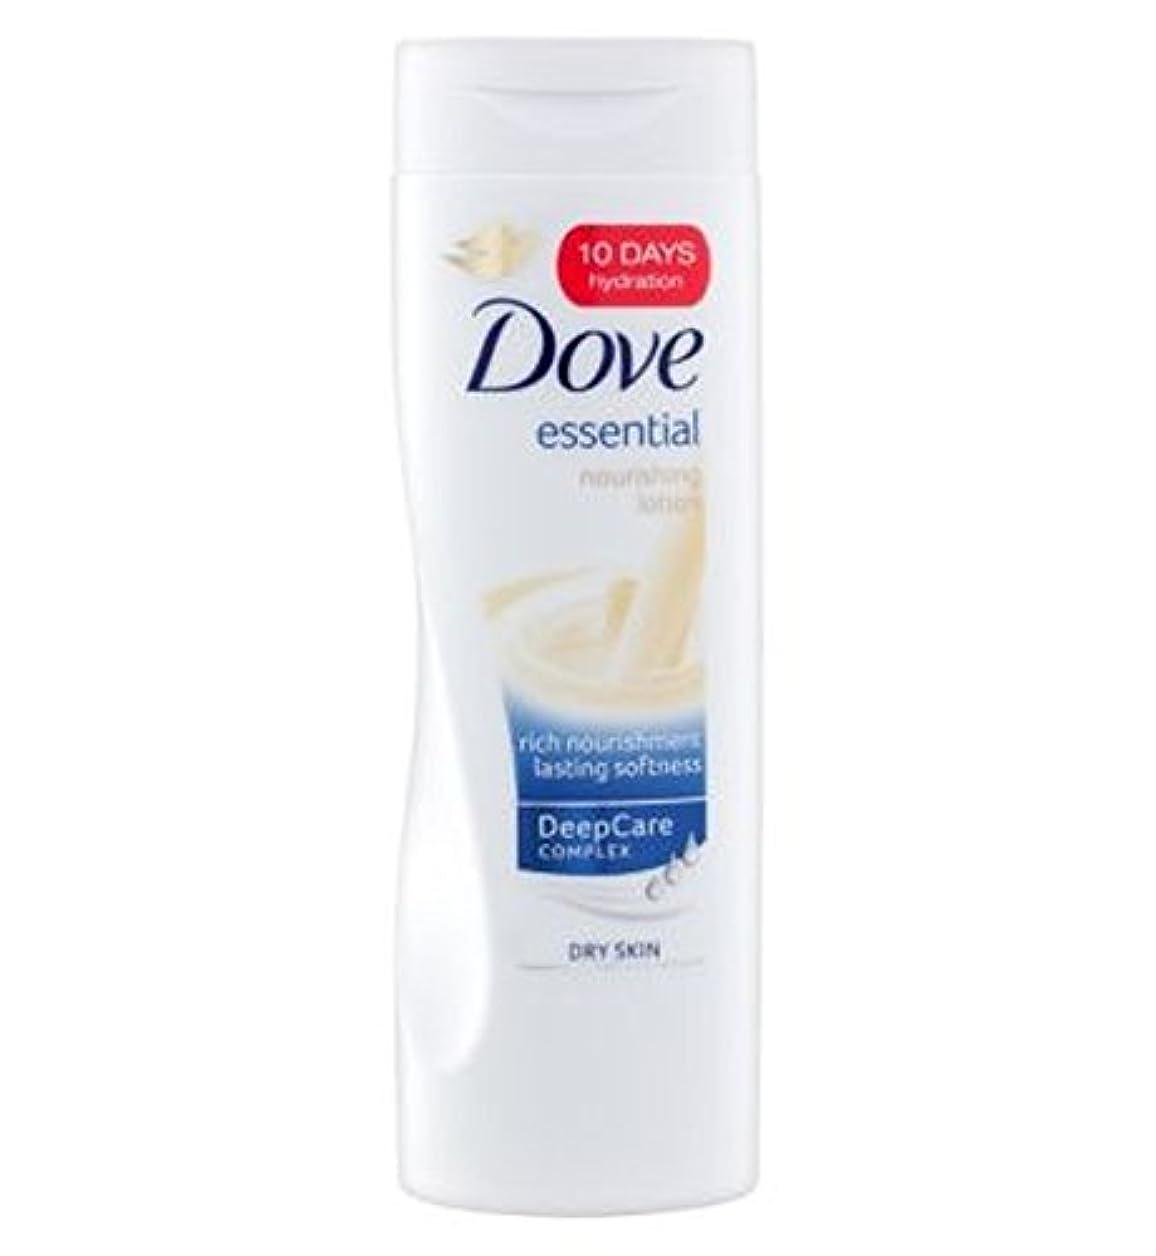 森期待して事件、出来事Dove Essential Nourishing Lotion Dry Skin 400ml - 鳩不可欠な栄養ローション乾燥肌用400ミリリットル (Dove) [並行輸入品]